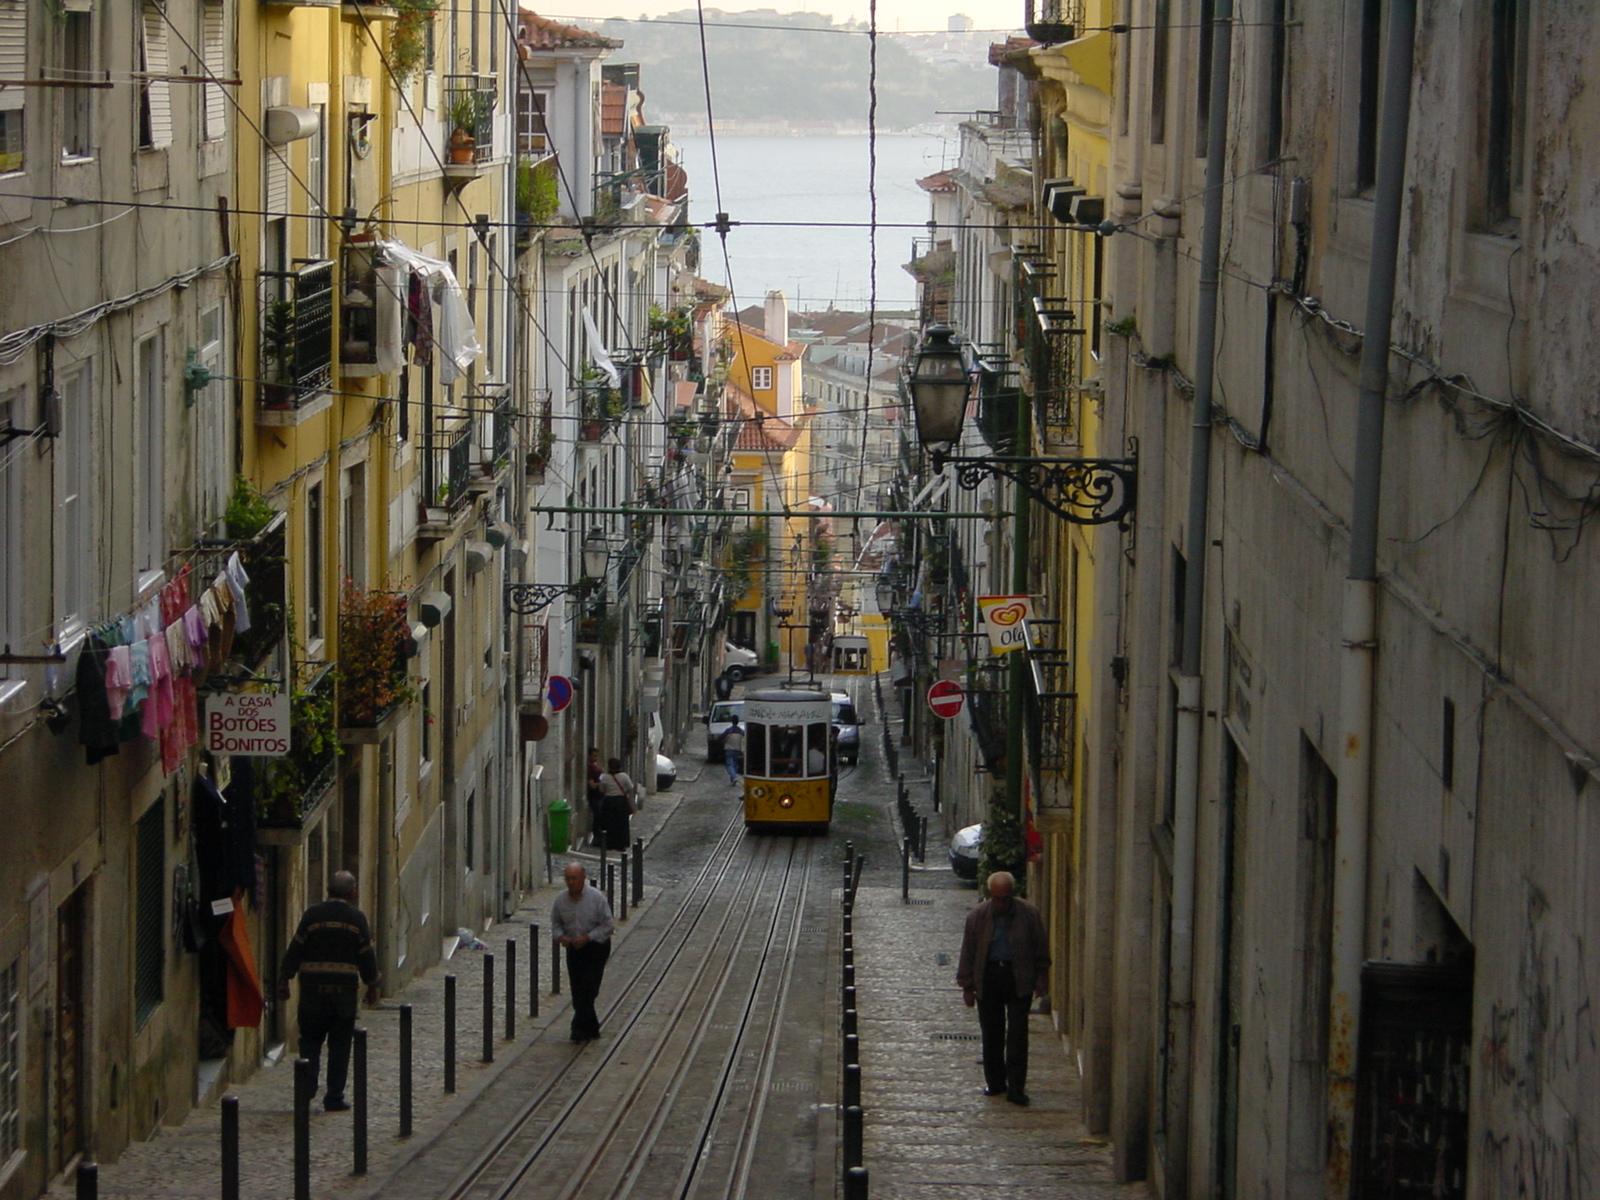 2002-10-26_11-15_(Andalusien_&_Lissabon_240)_Lissabon.jpg